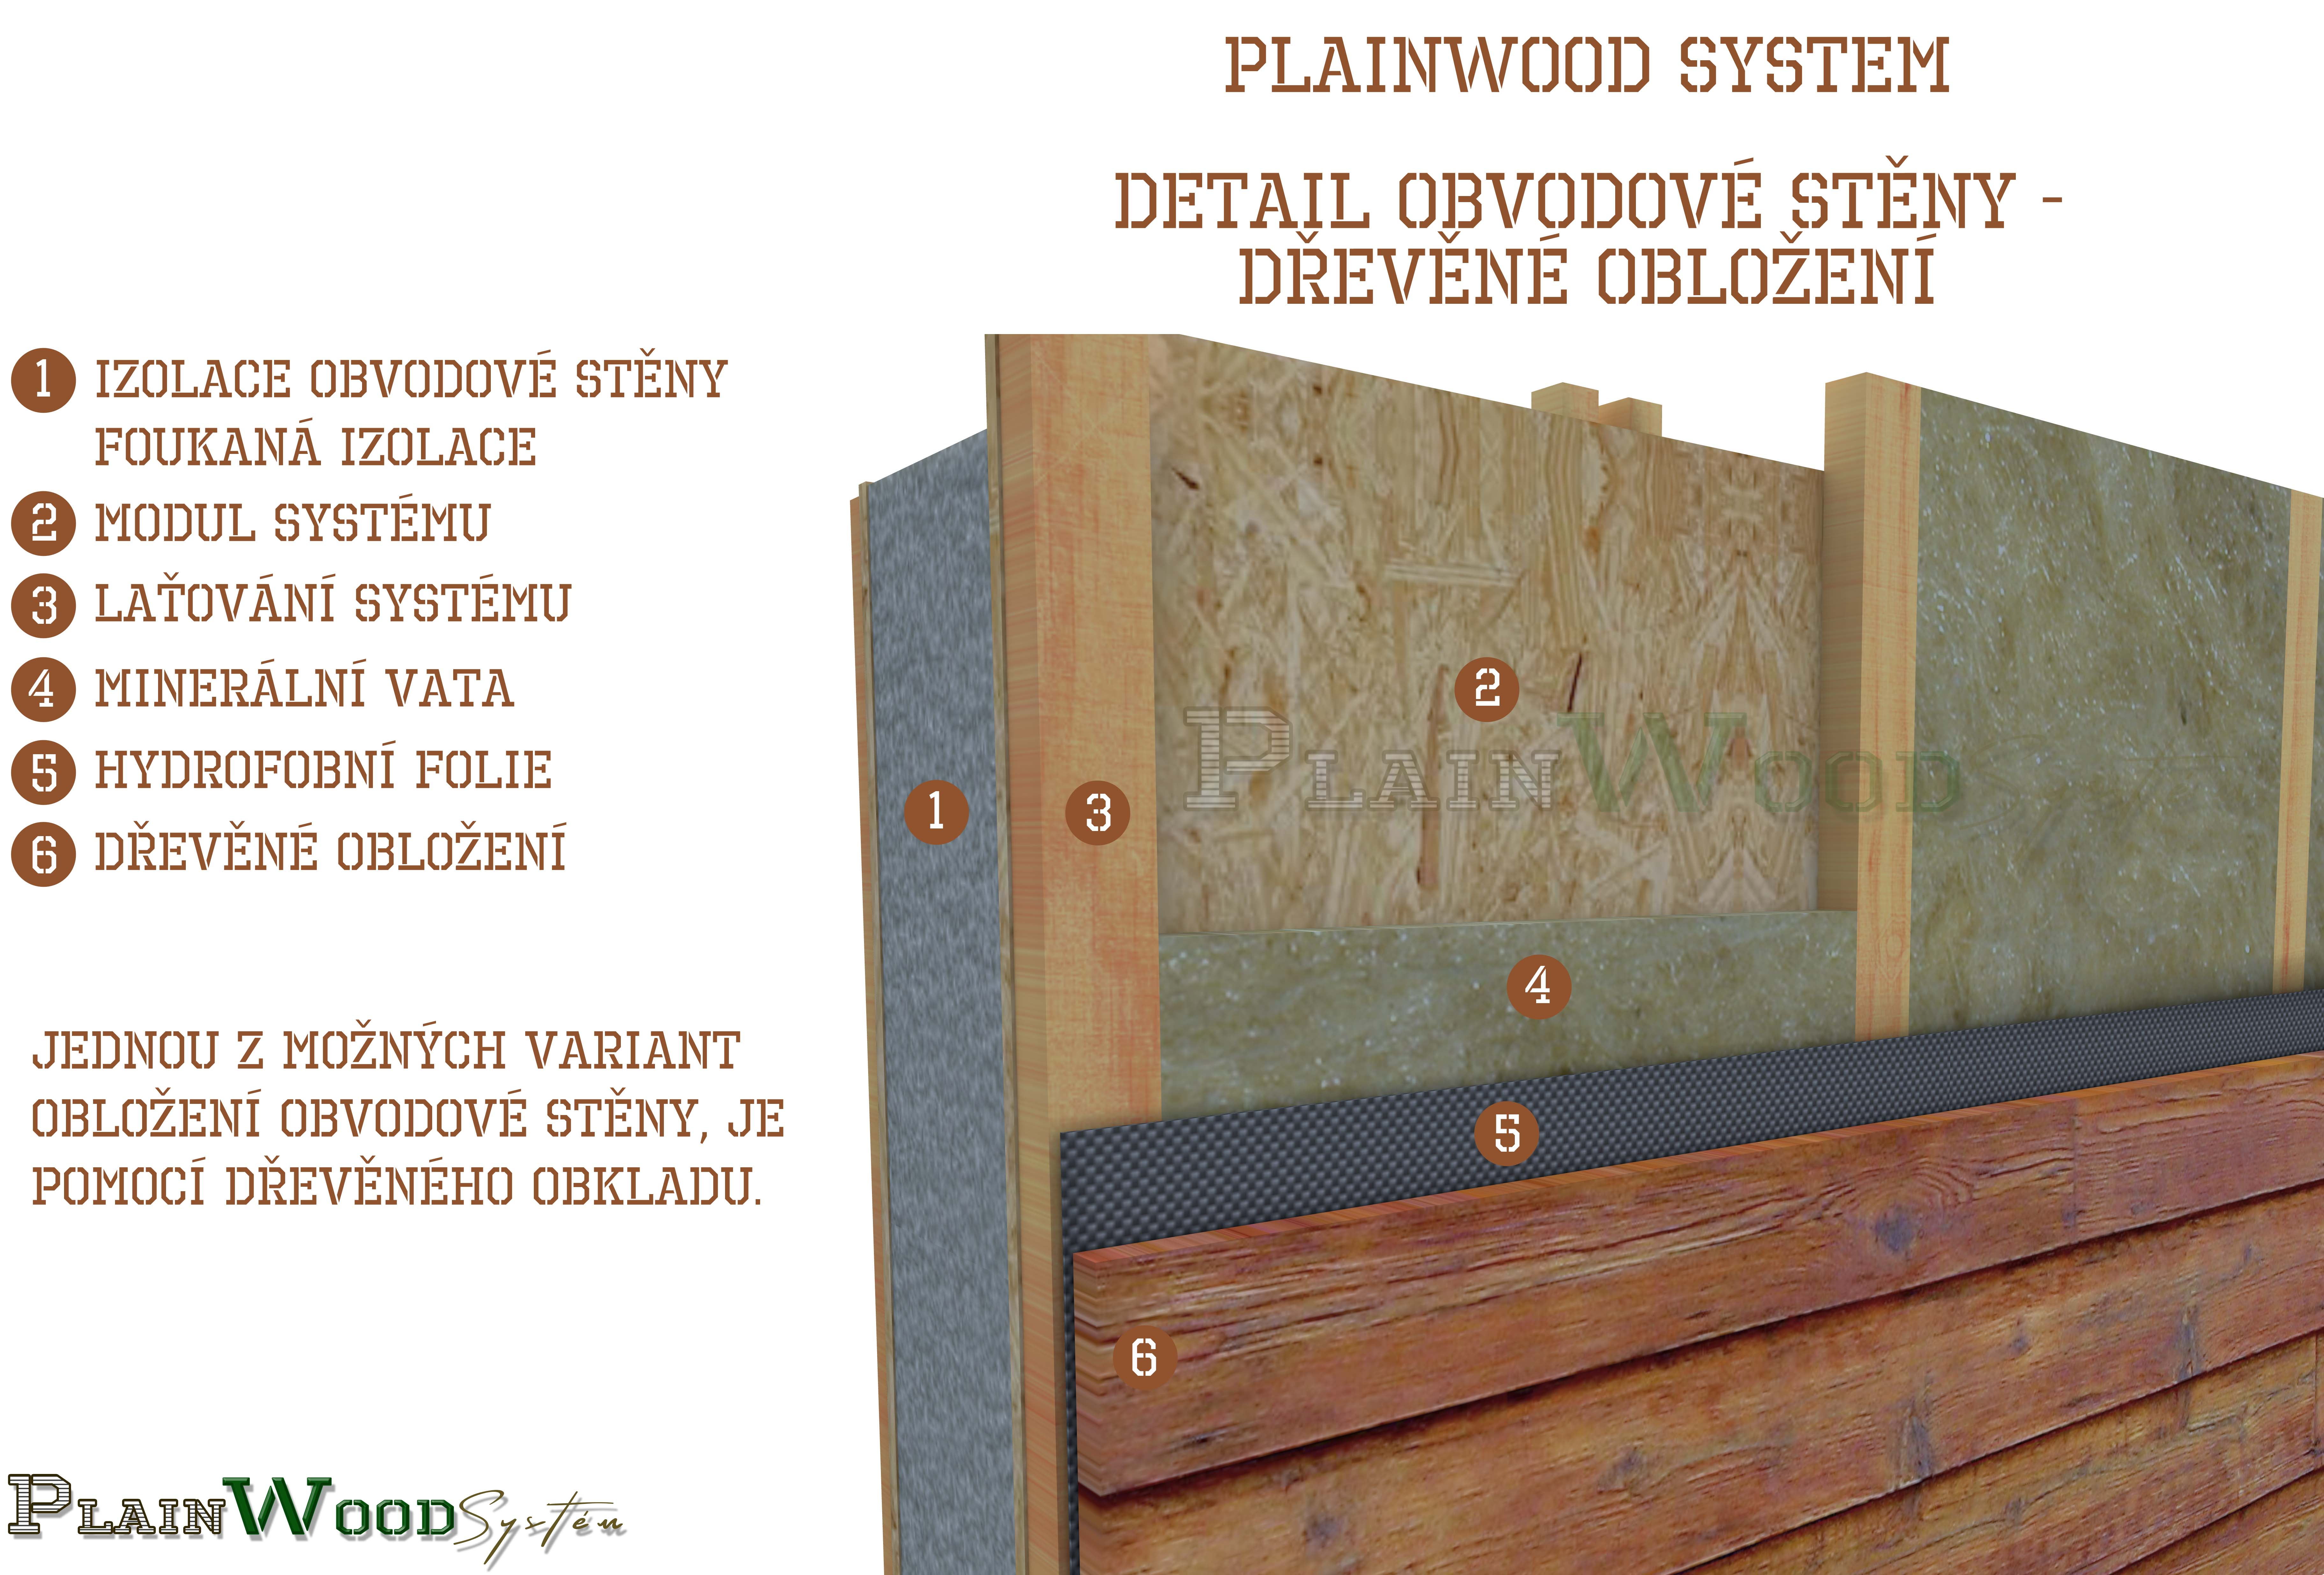 Obvodová stěna - obložení dřevem